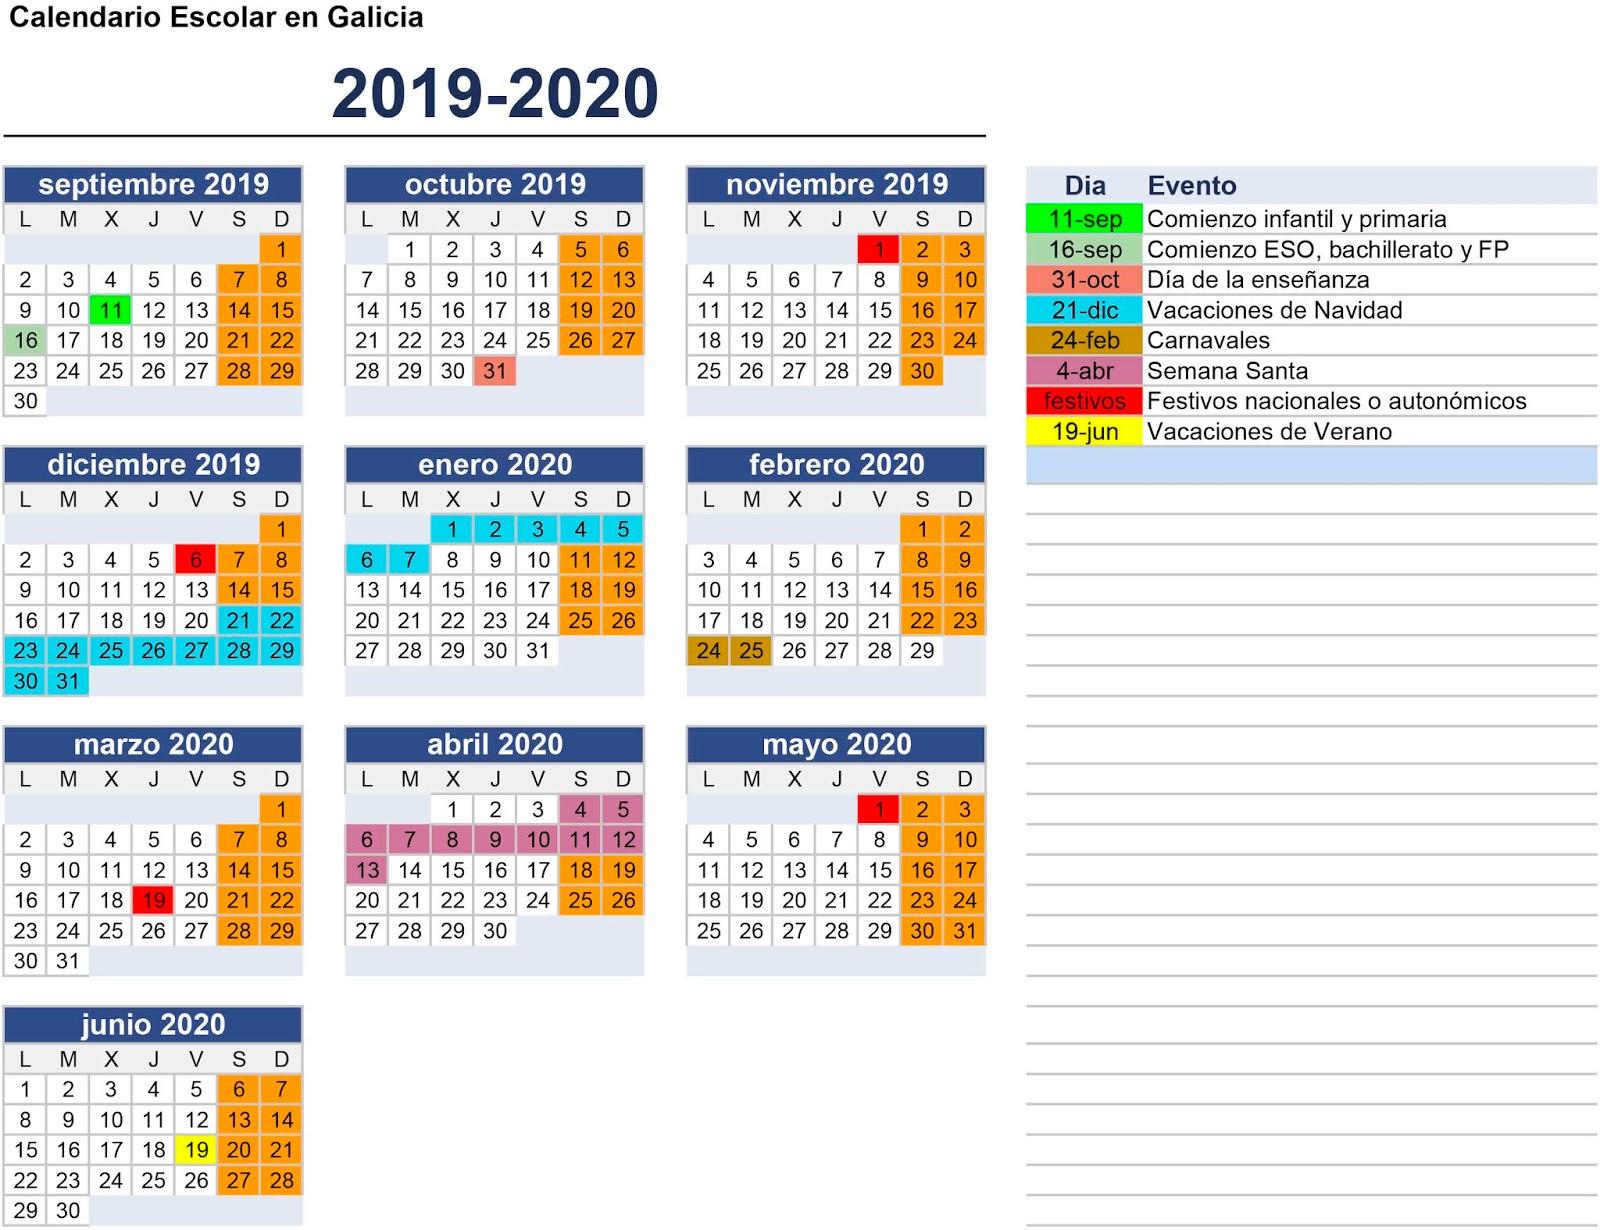 Calendario Escolar Galicia 2020 Y 2019.Anpa Eduardo Sanjurjo Calendario Escolar 2019 2020